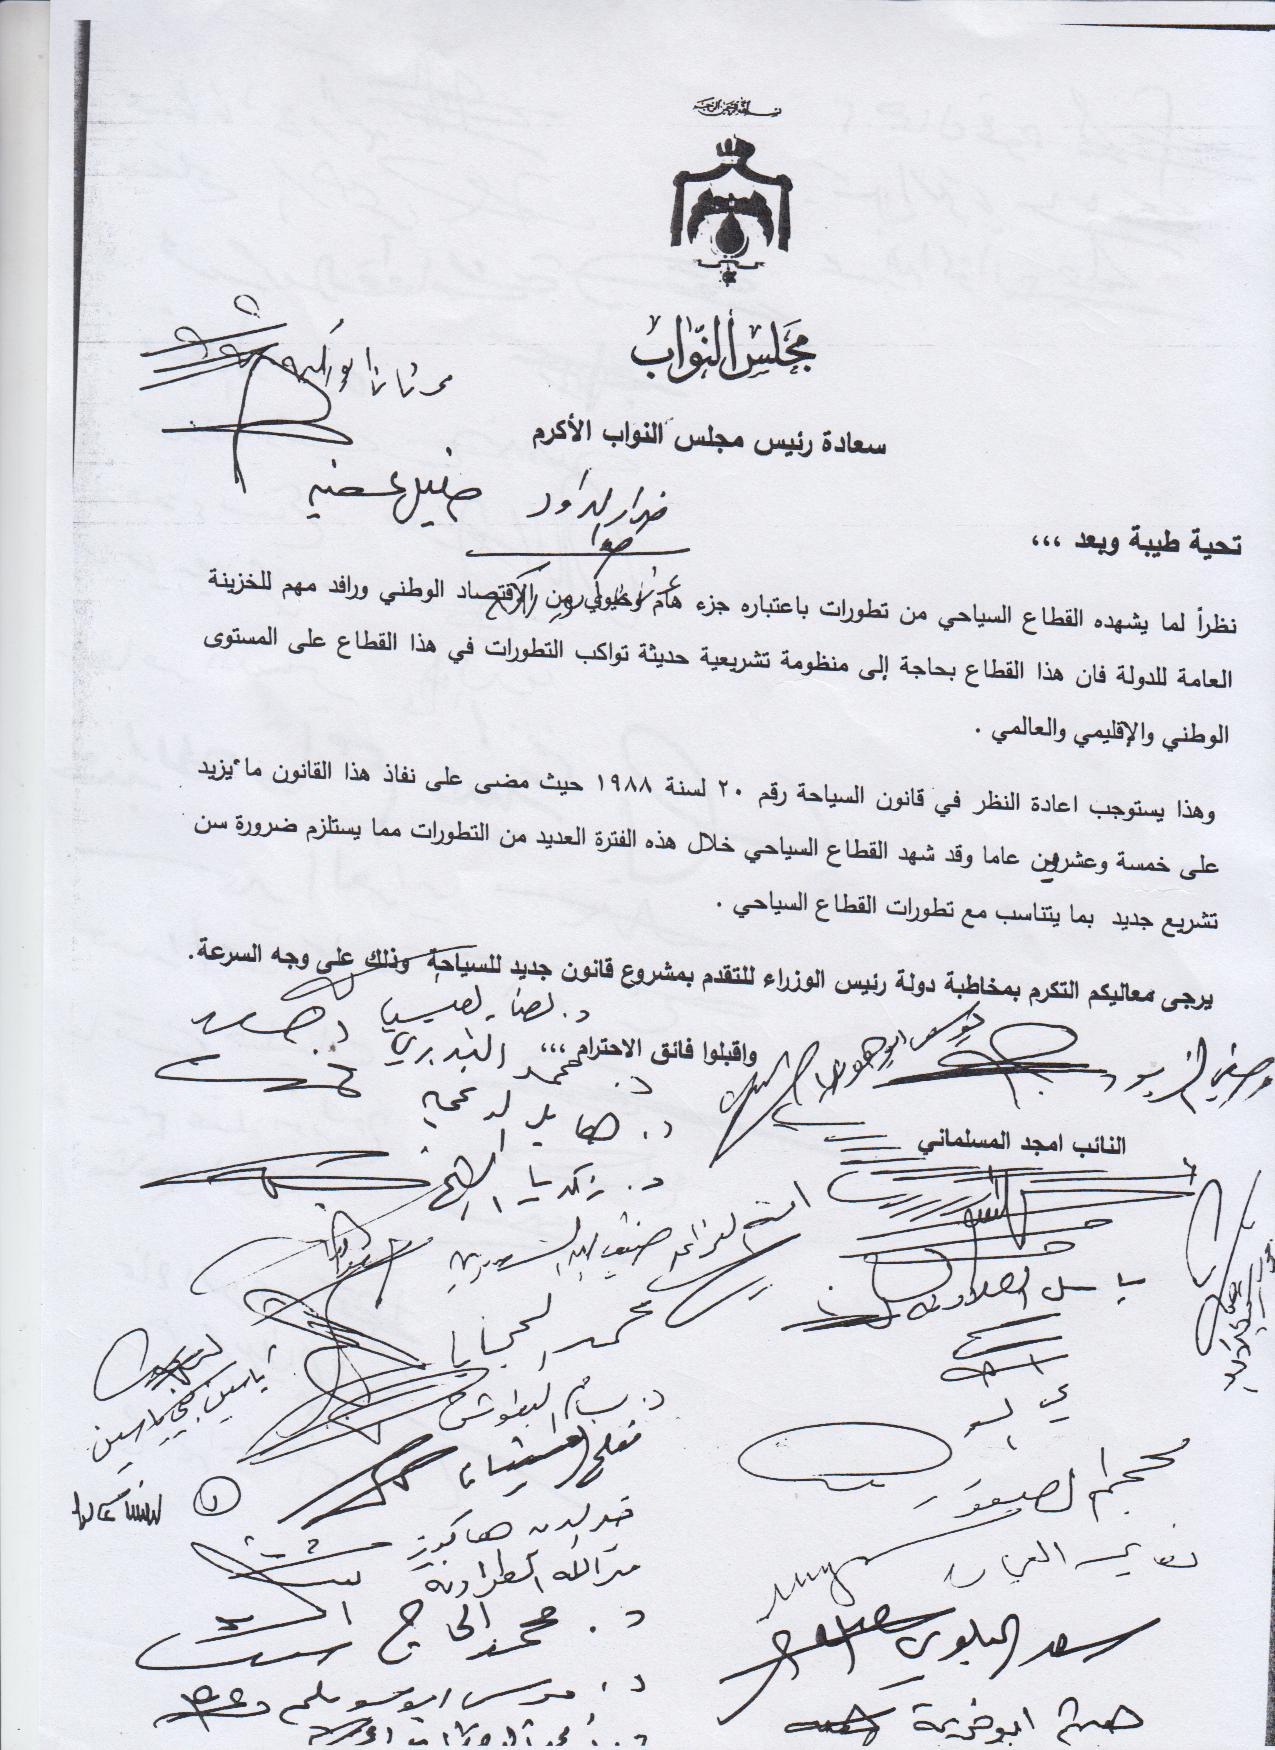 النائب المسلماني يطالب باعادة النظر في قانون السياحة رقم 20 لسنة 1988